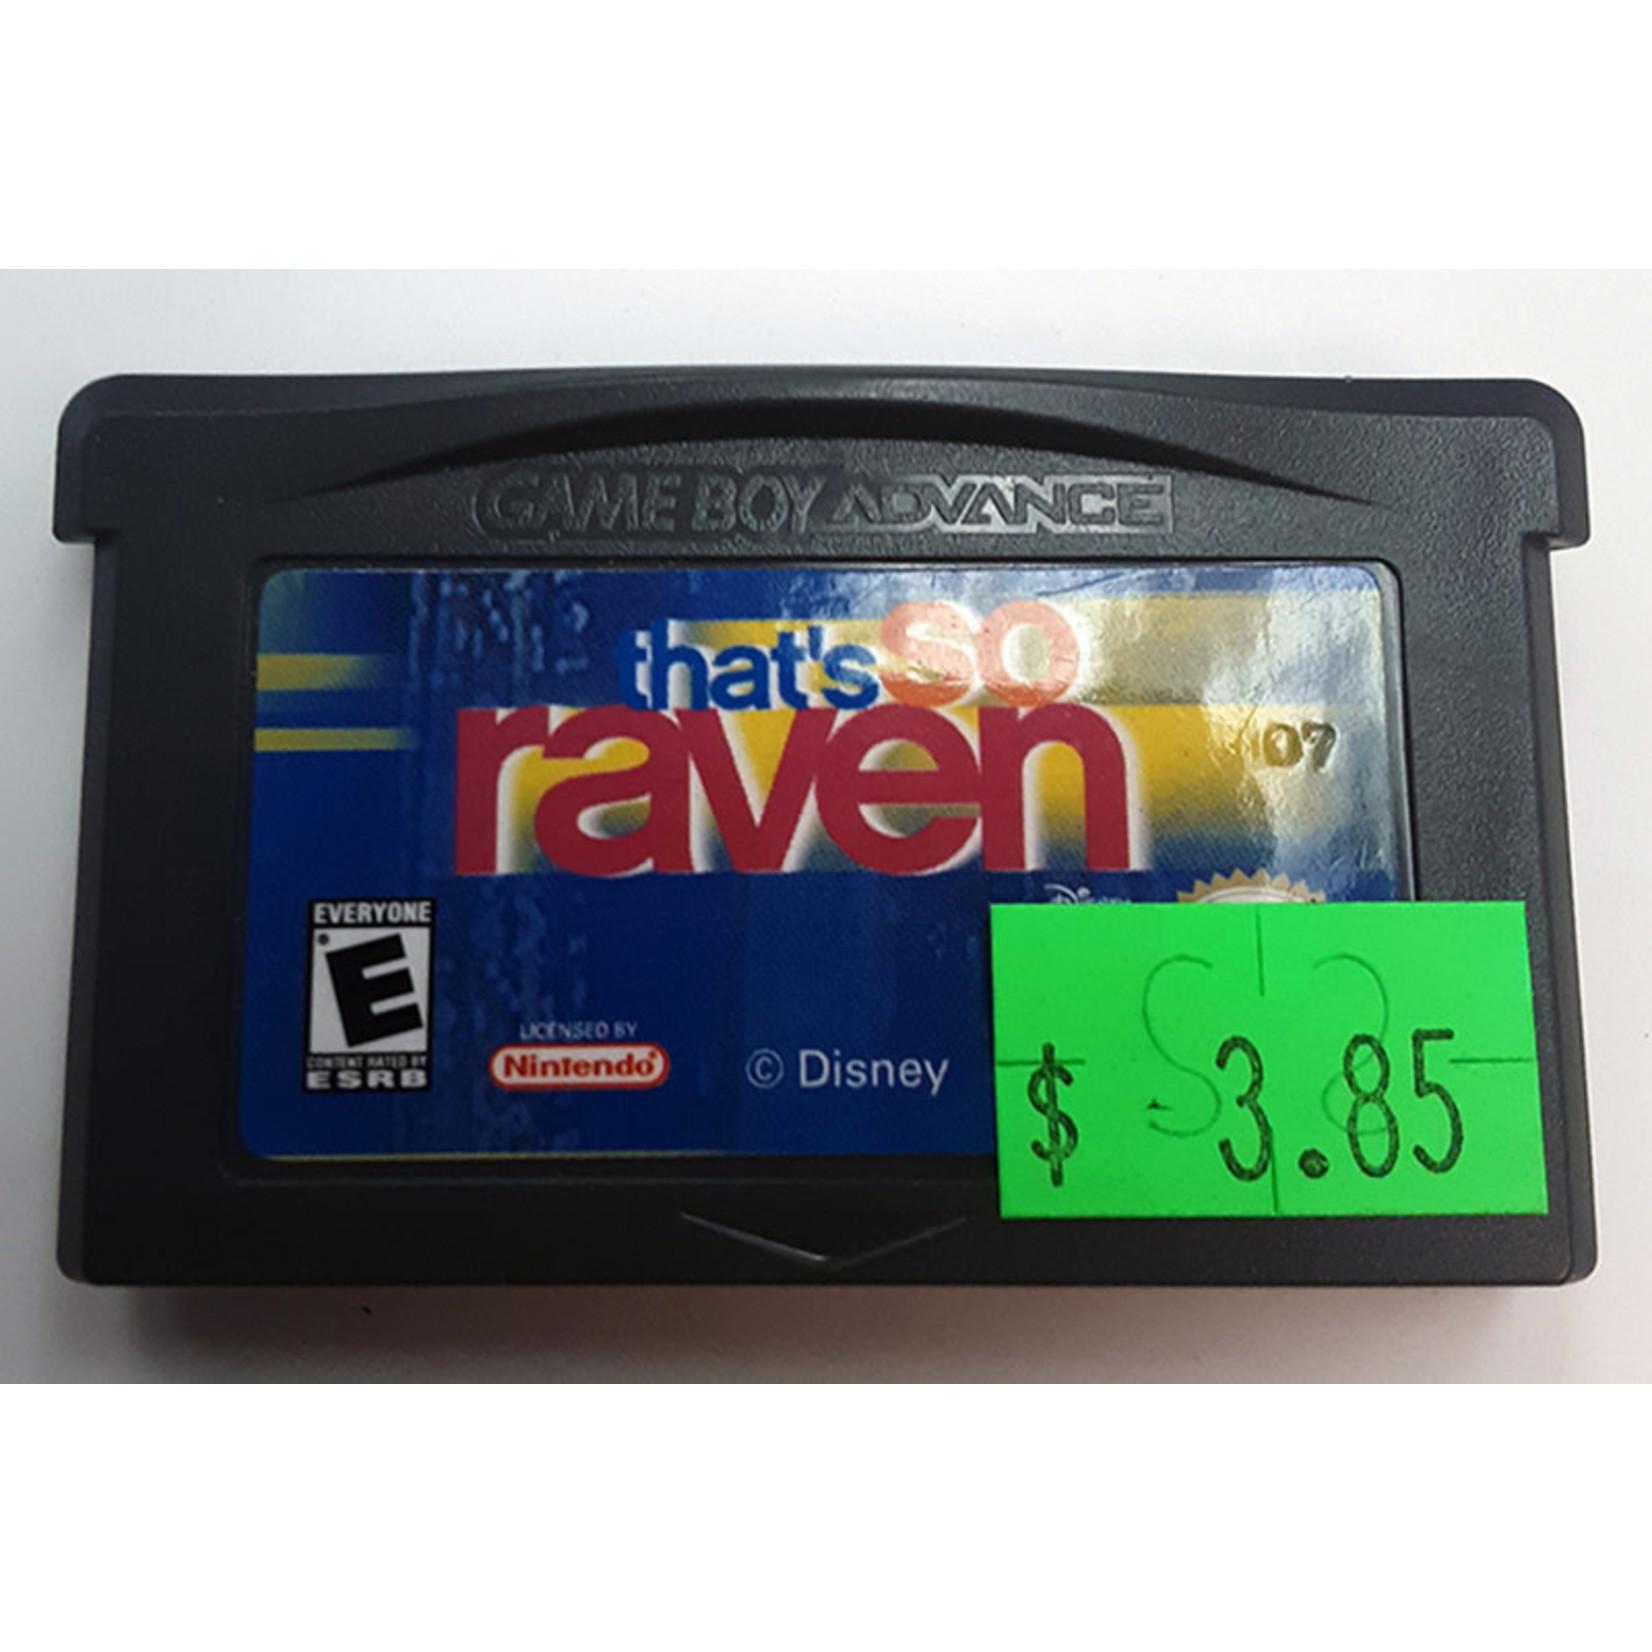 GBAu-That's So Raven (cartridge)